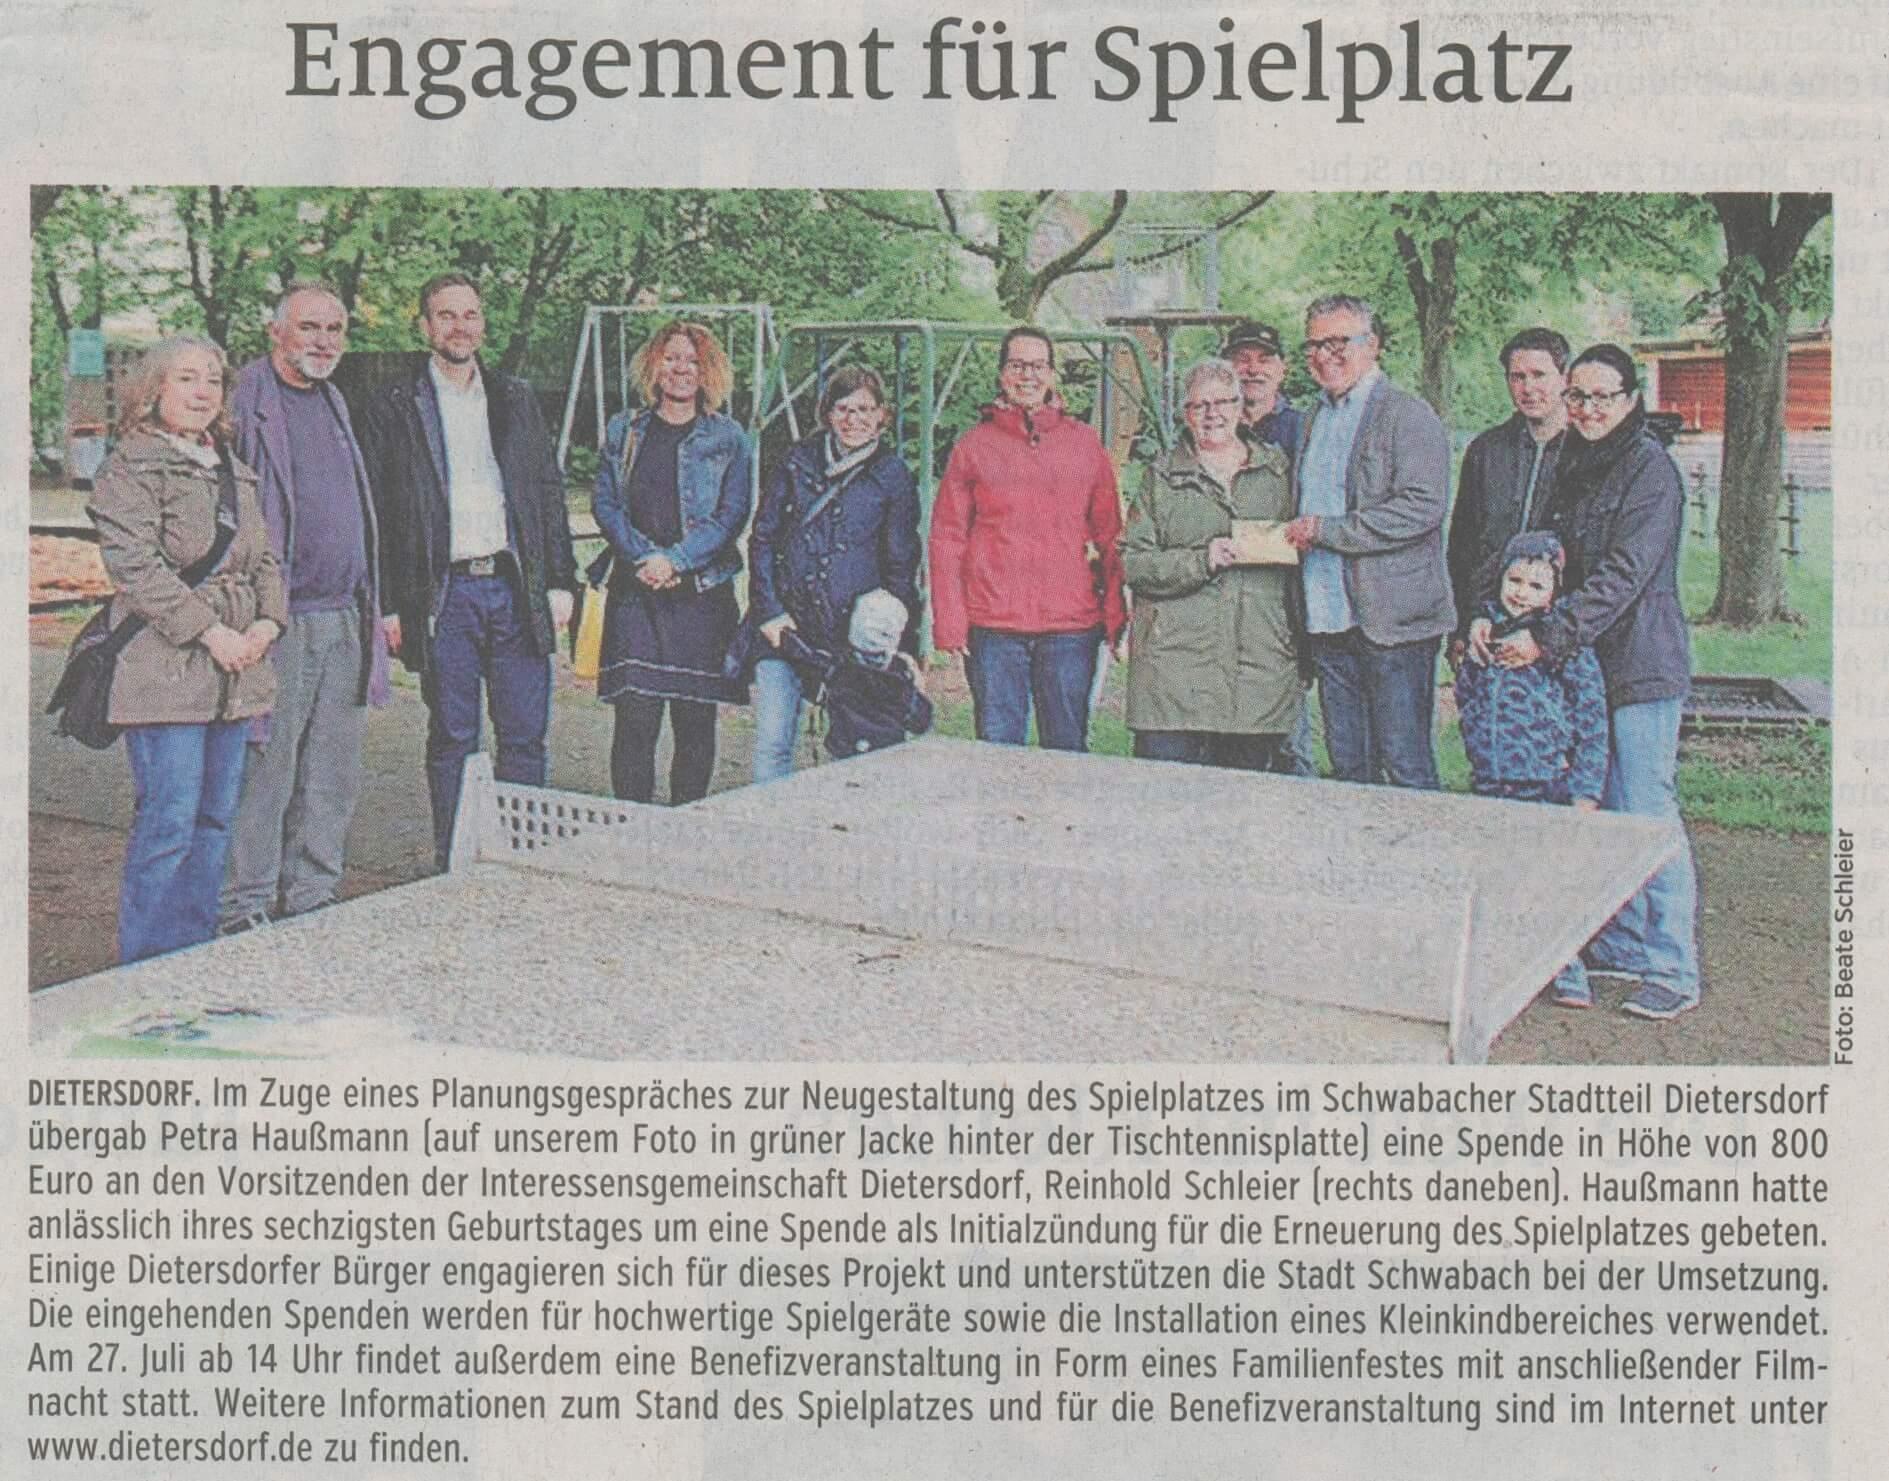 06.06.2019 Engagement für Spielplatz - Schwabacher Tagblatt